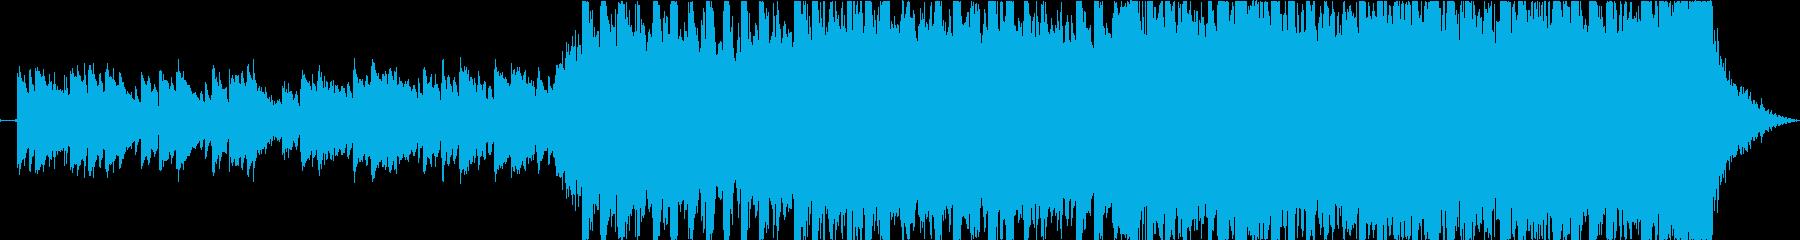 現代的 交響曲 エレクトロ ダブス...の再生済みの波形